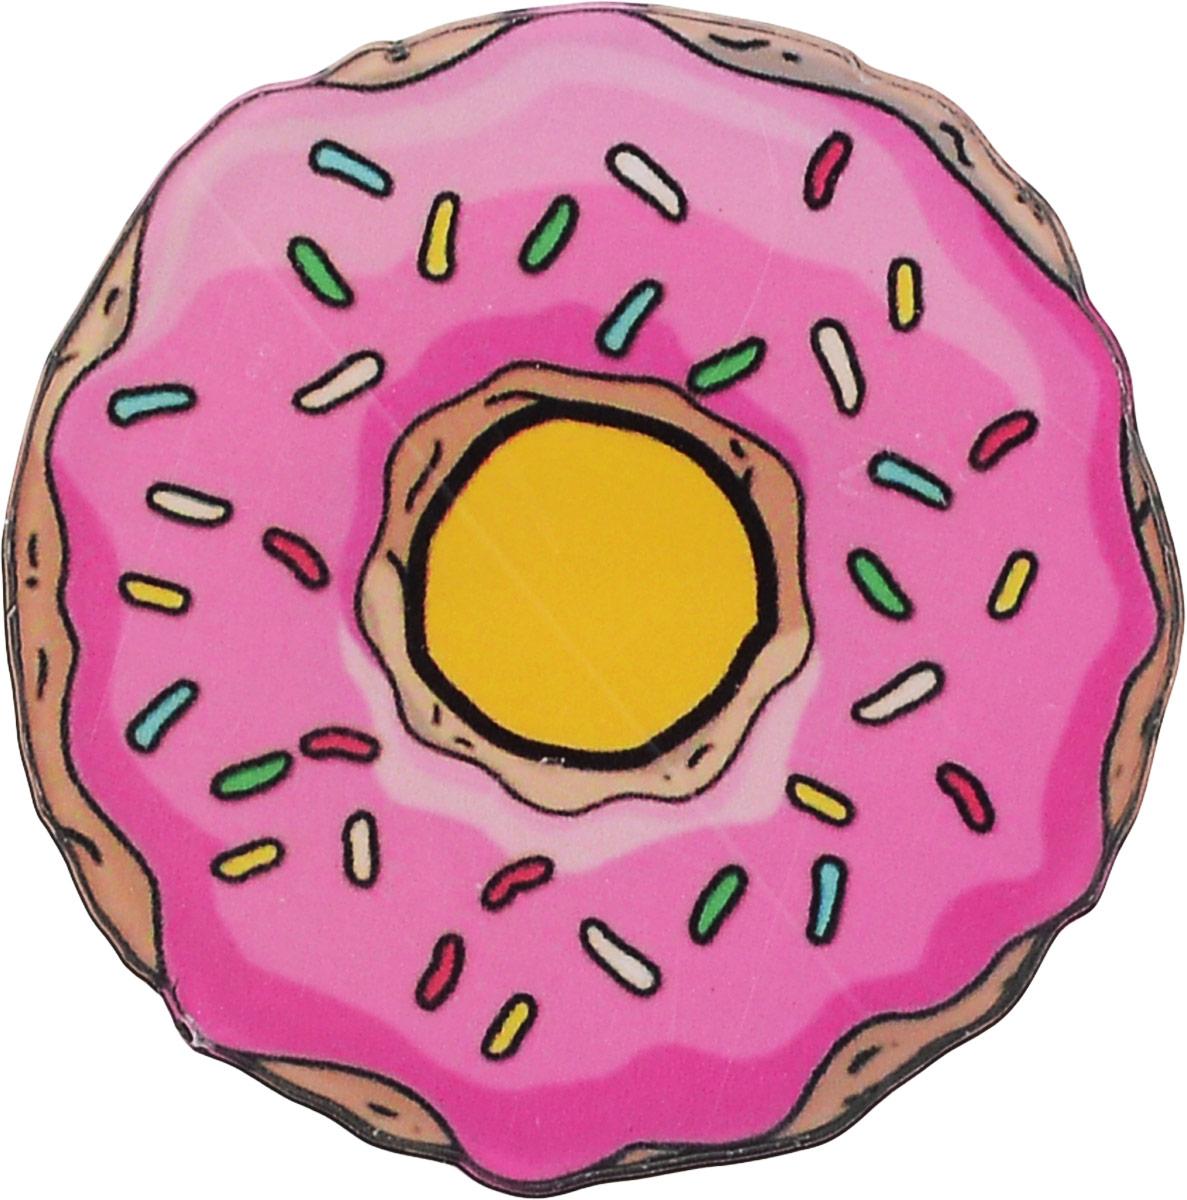 Брошь Kawaii Factory Пончик, цвет: розовый, желтый. KW088-000020KW088-000020Оригинальная брошь Kawaii Factory Пончик изготовлена из пластика и металла. Изделие выполнено в виде пончика и застегивается при помощи замка-булавки.